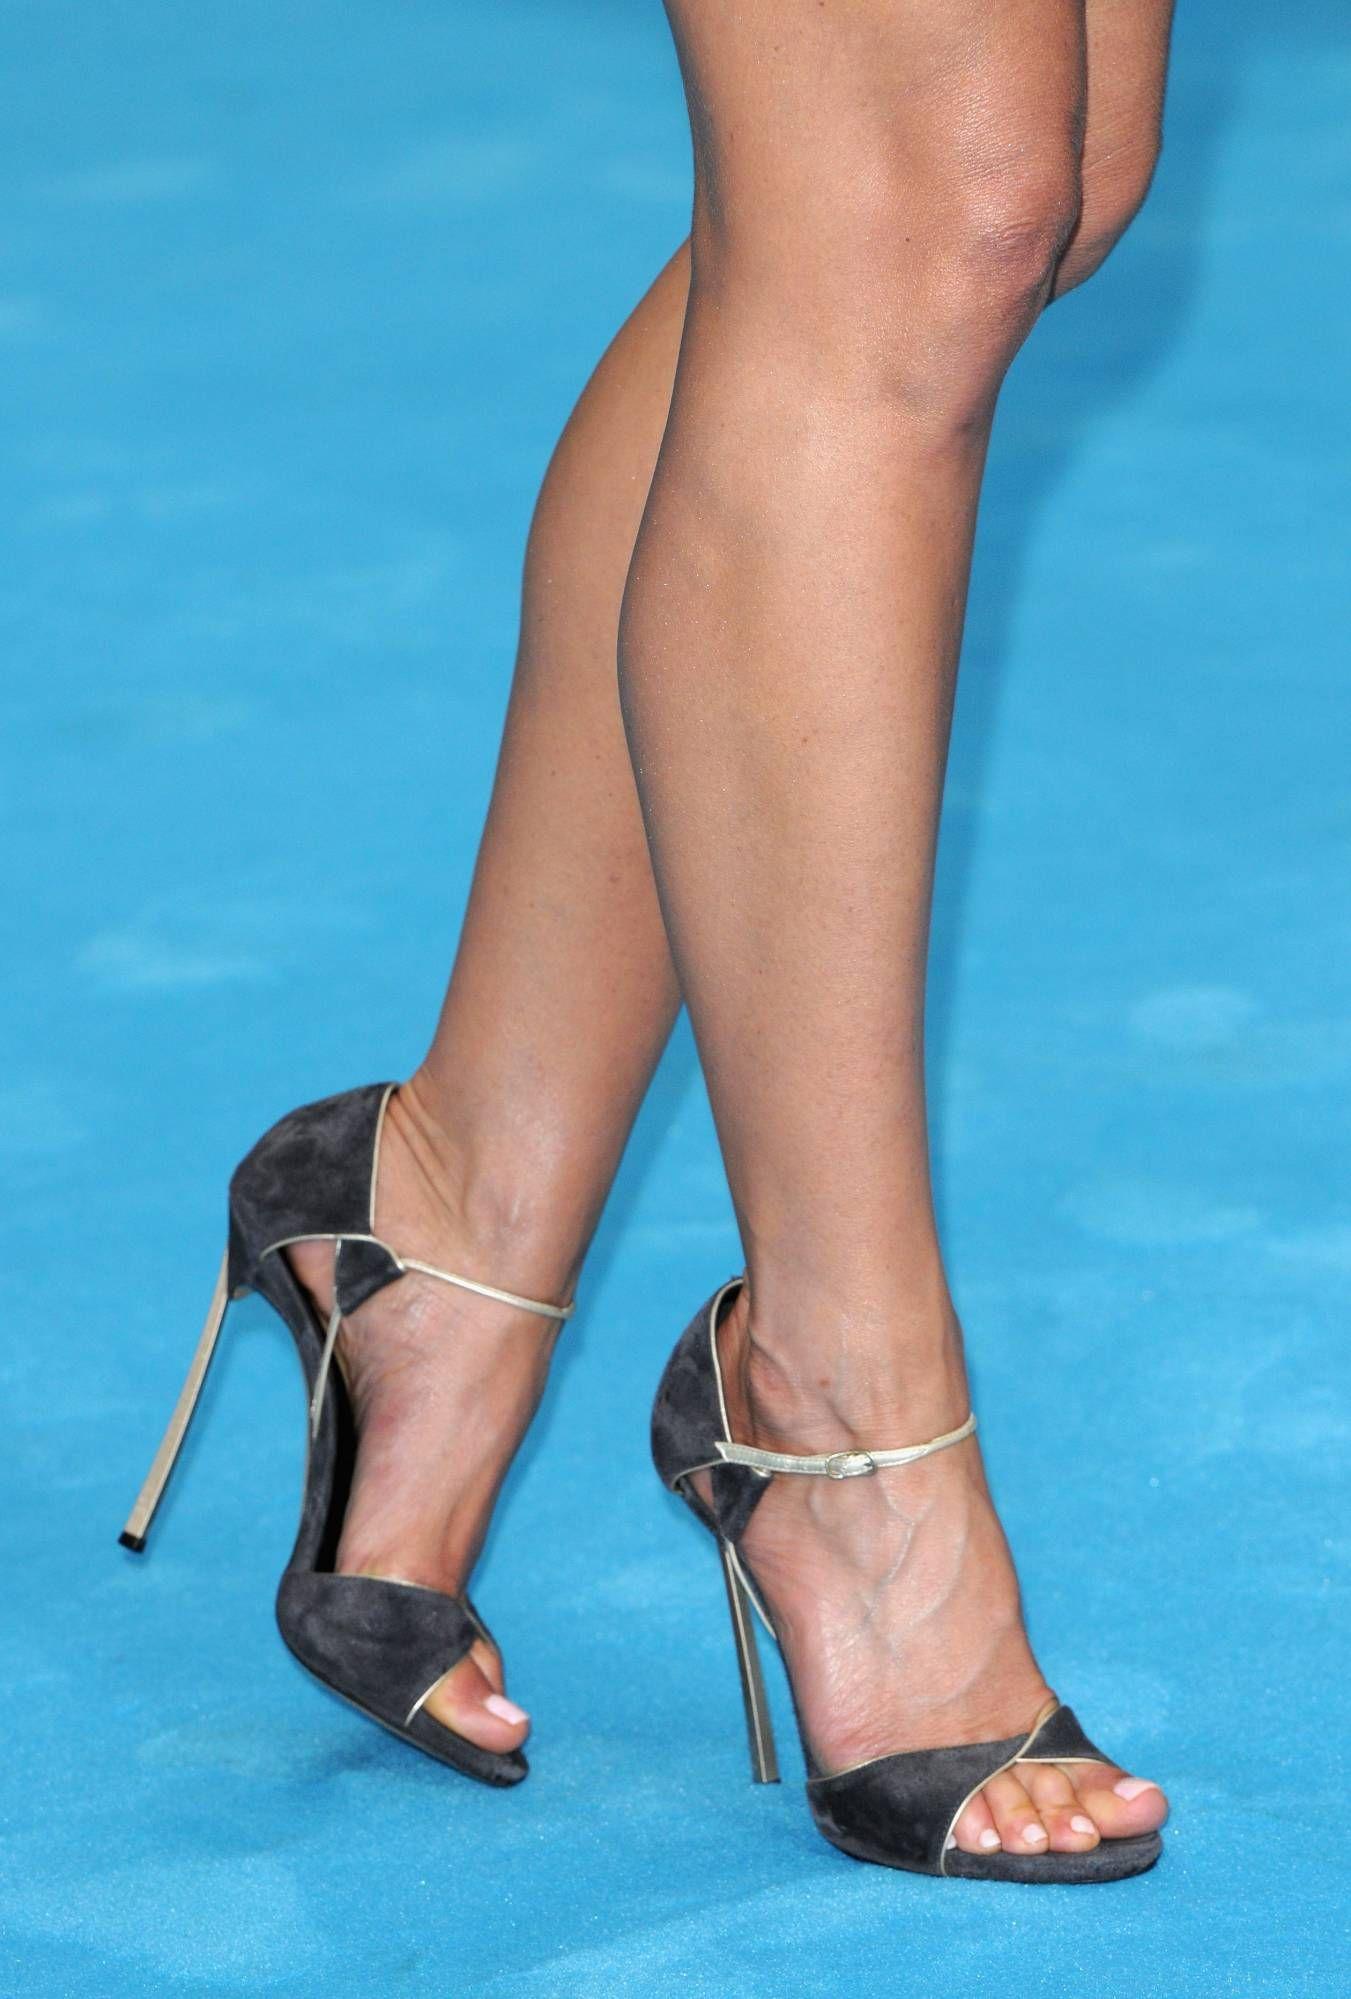 927171dc8576 Jennifer Aniston  Wikitoes  Sexy Sandals